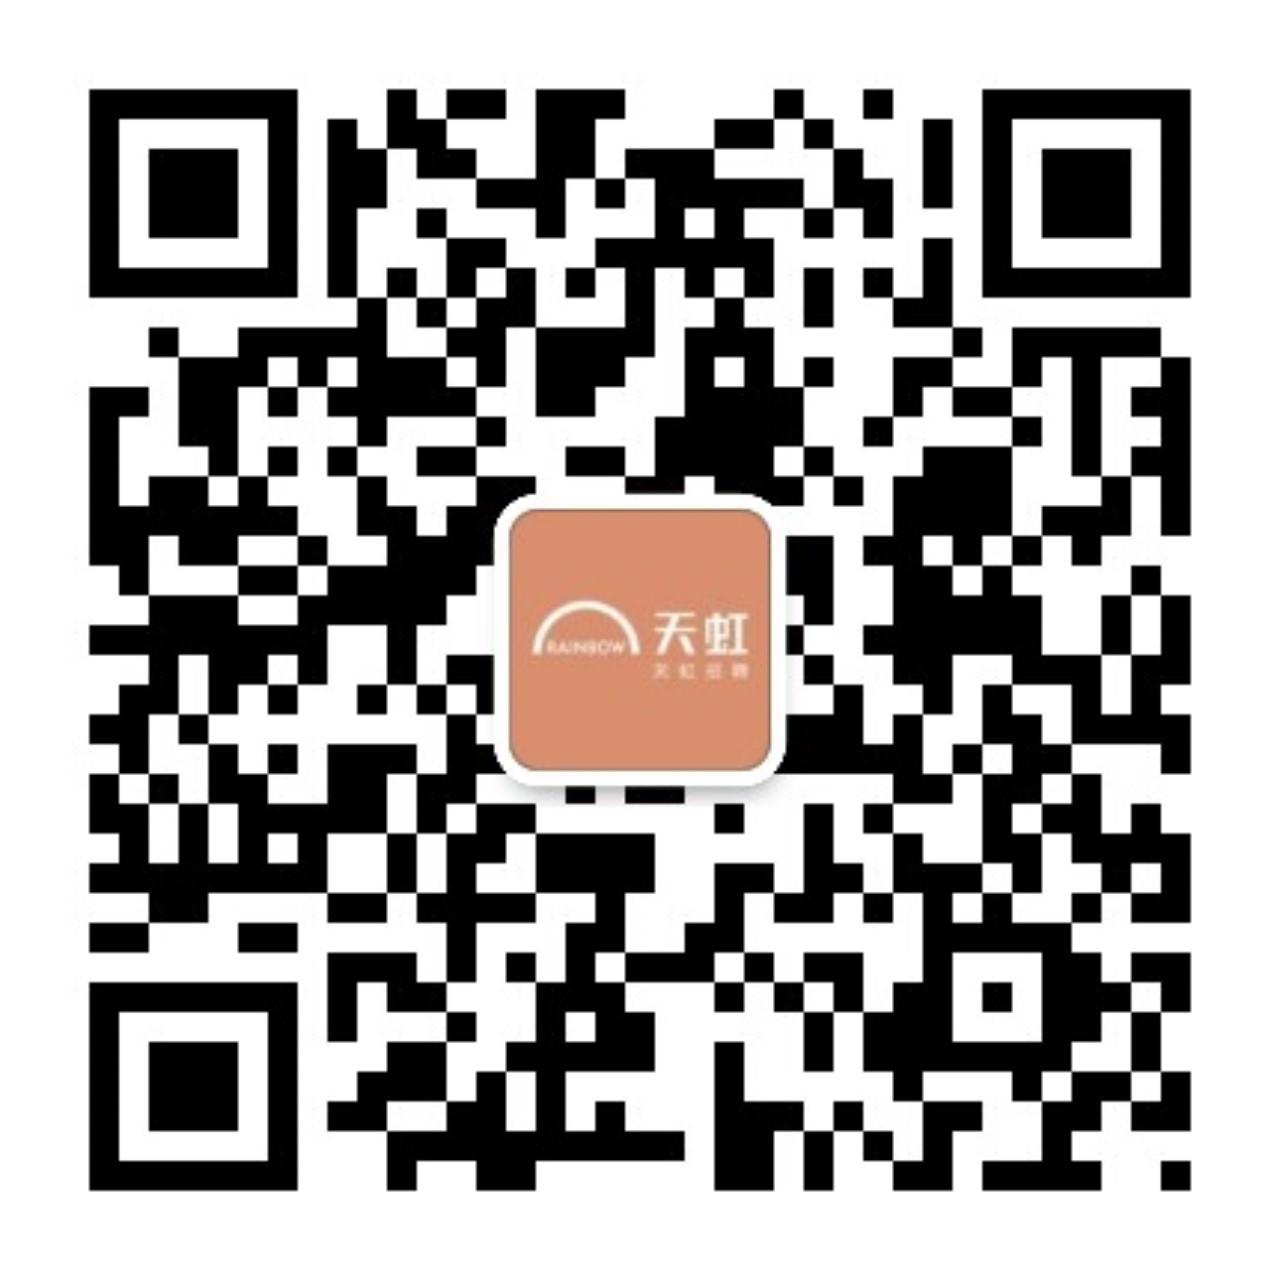 天虹商场股份有限公司宣讲会